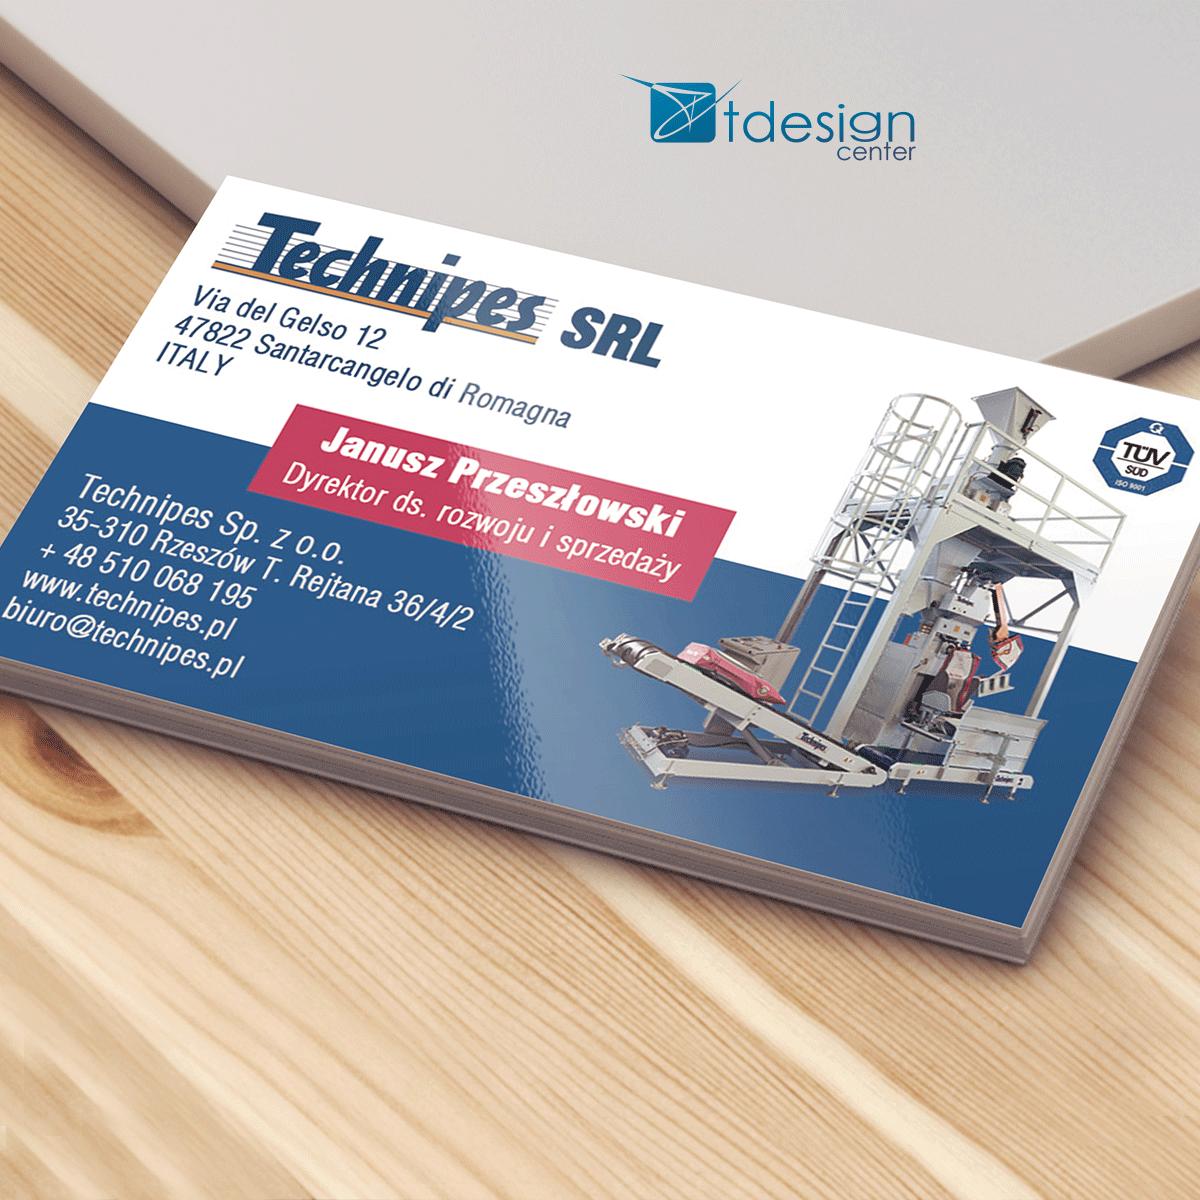 Wizytówki 90x50mm, projekt + druk, realizacja dla firmy Technipes